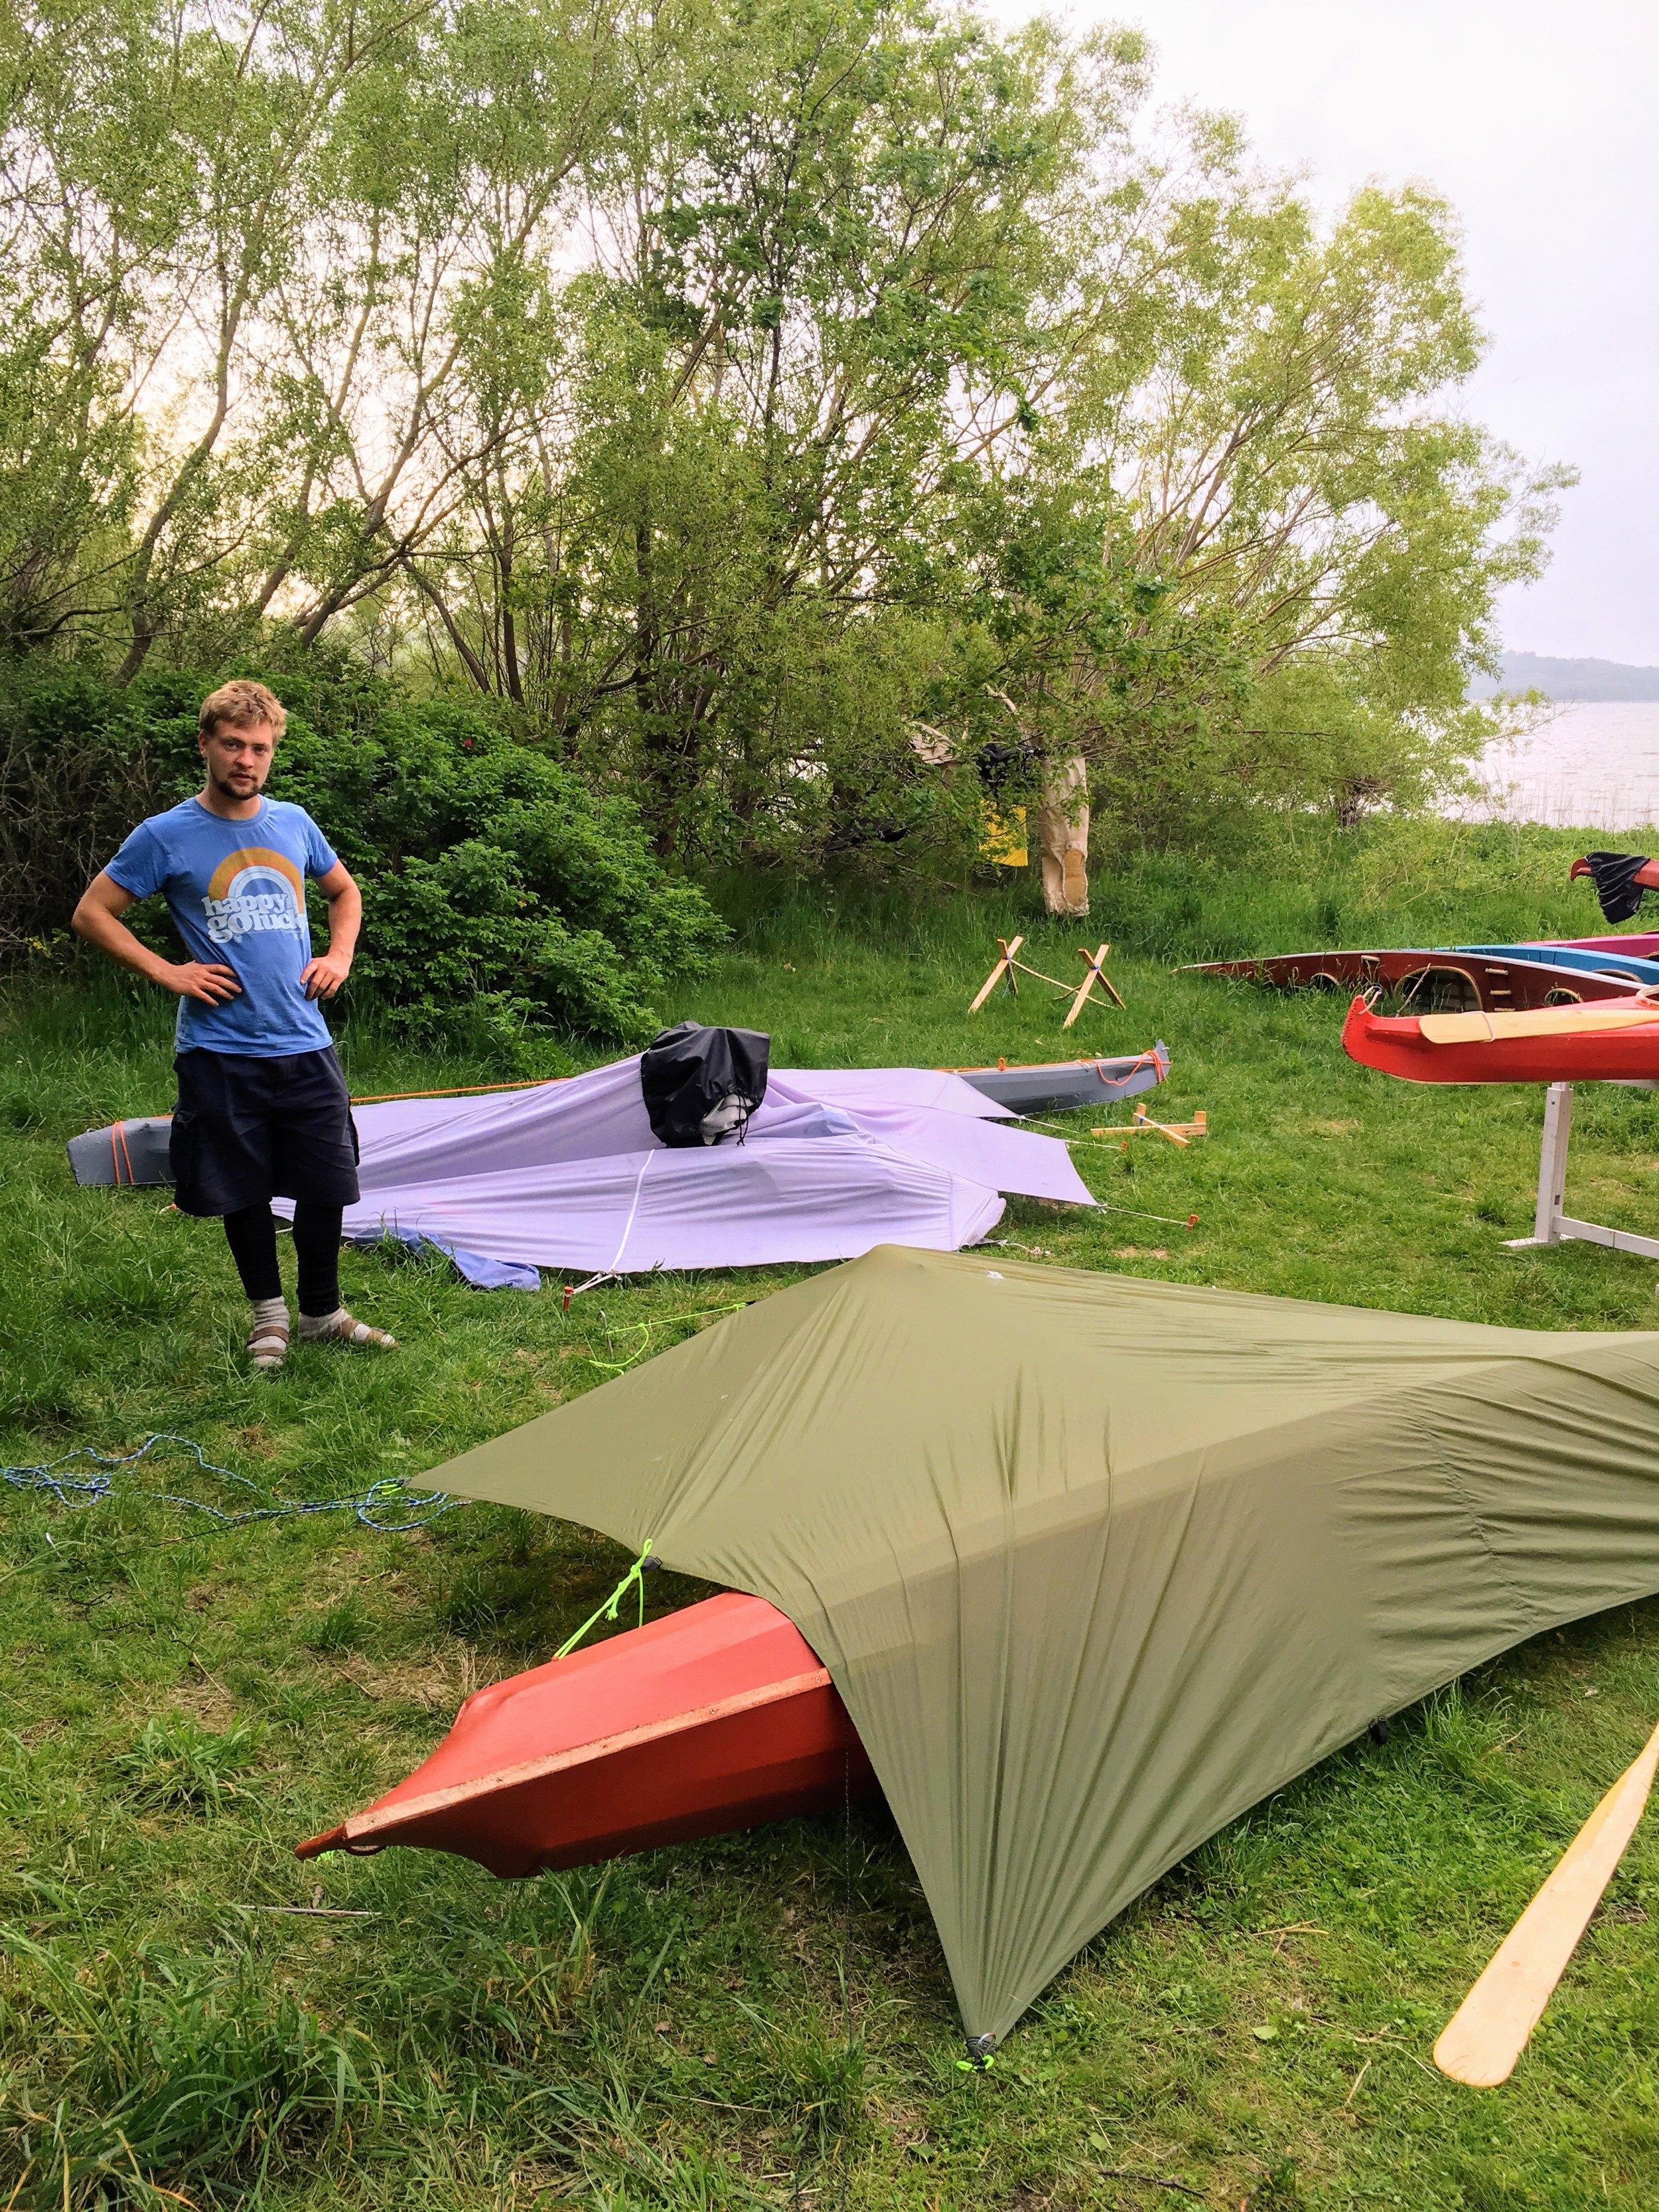 Kalle og jeg gennemgår tarp-over-kajak-designs